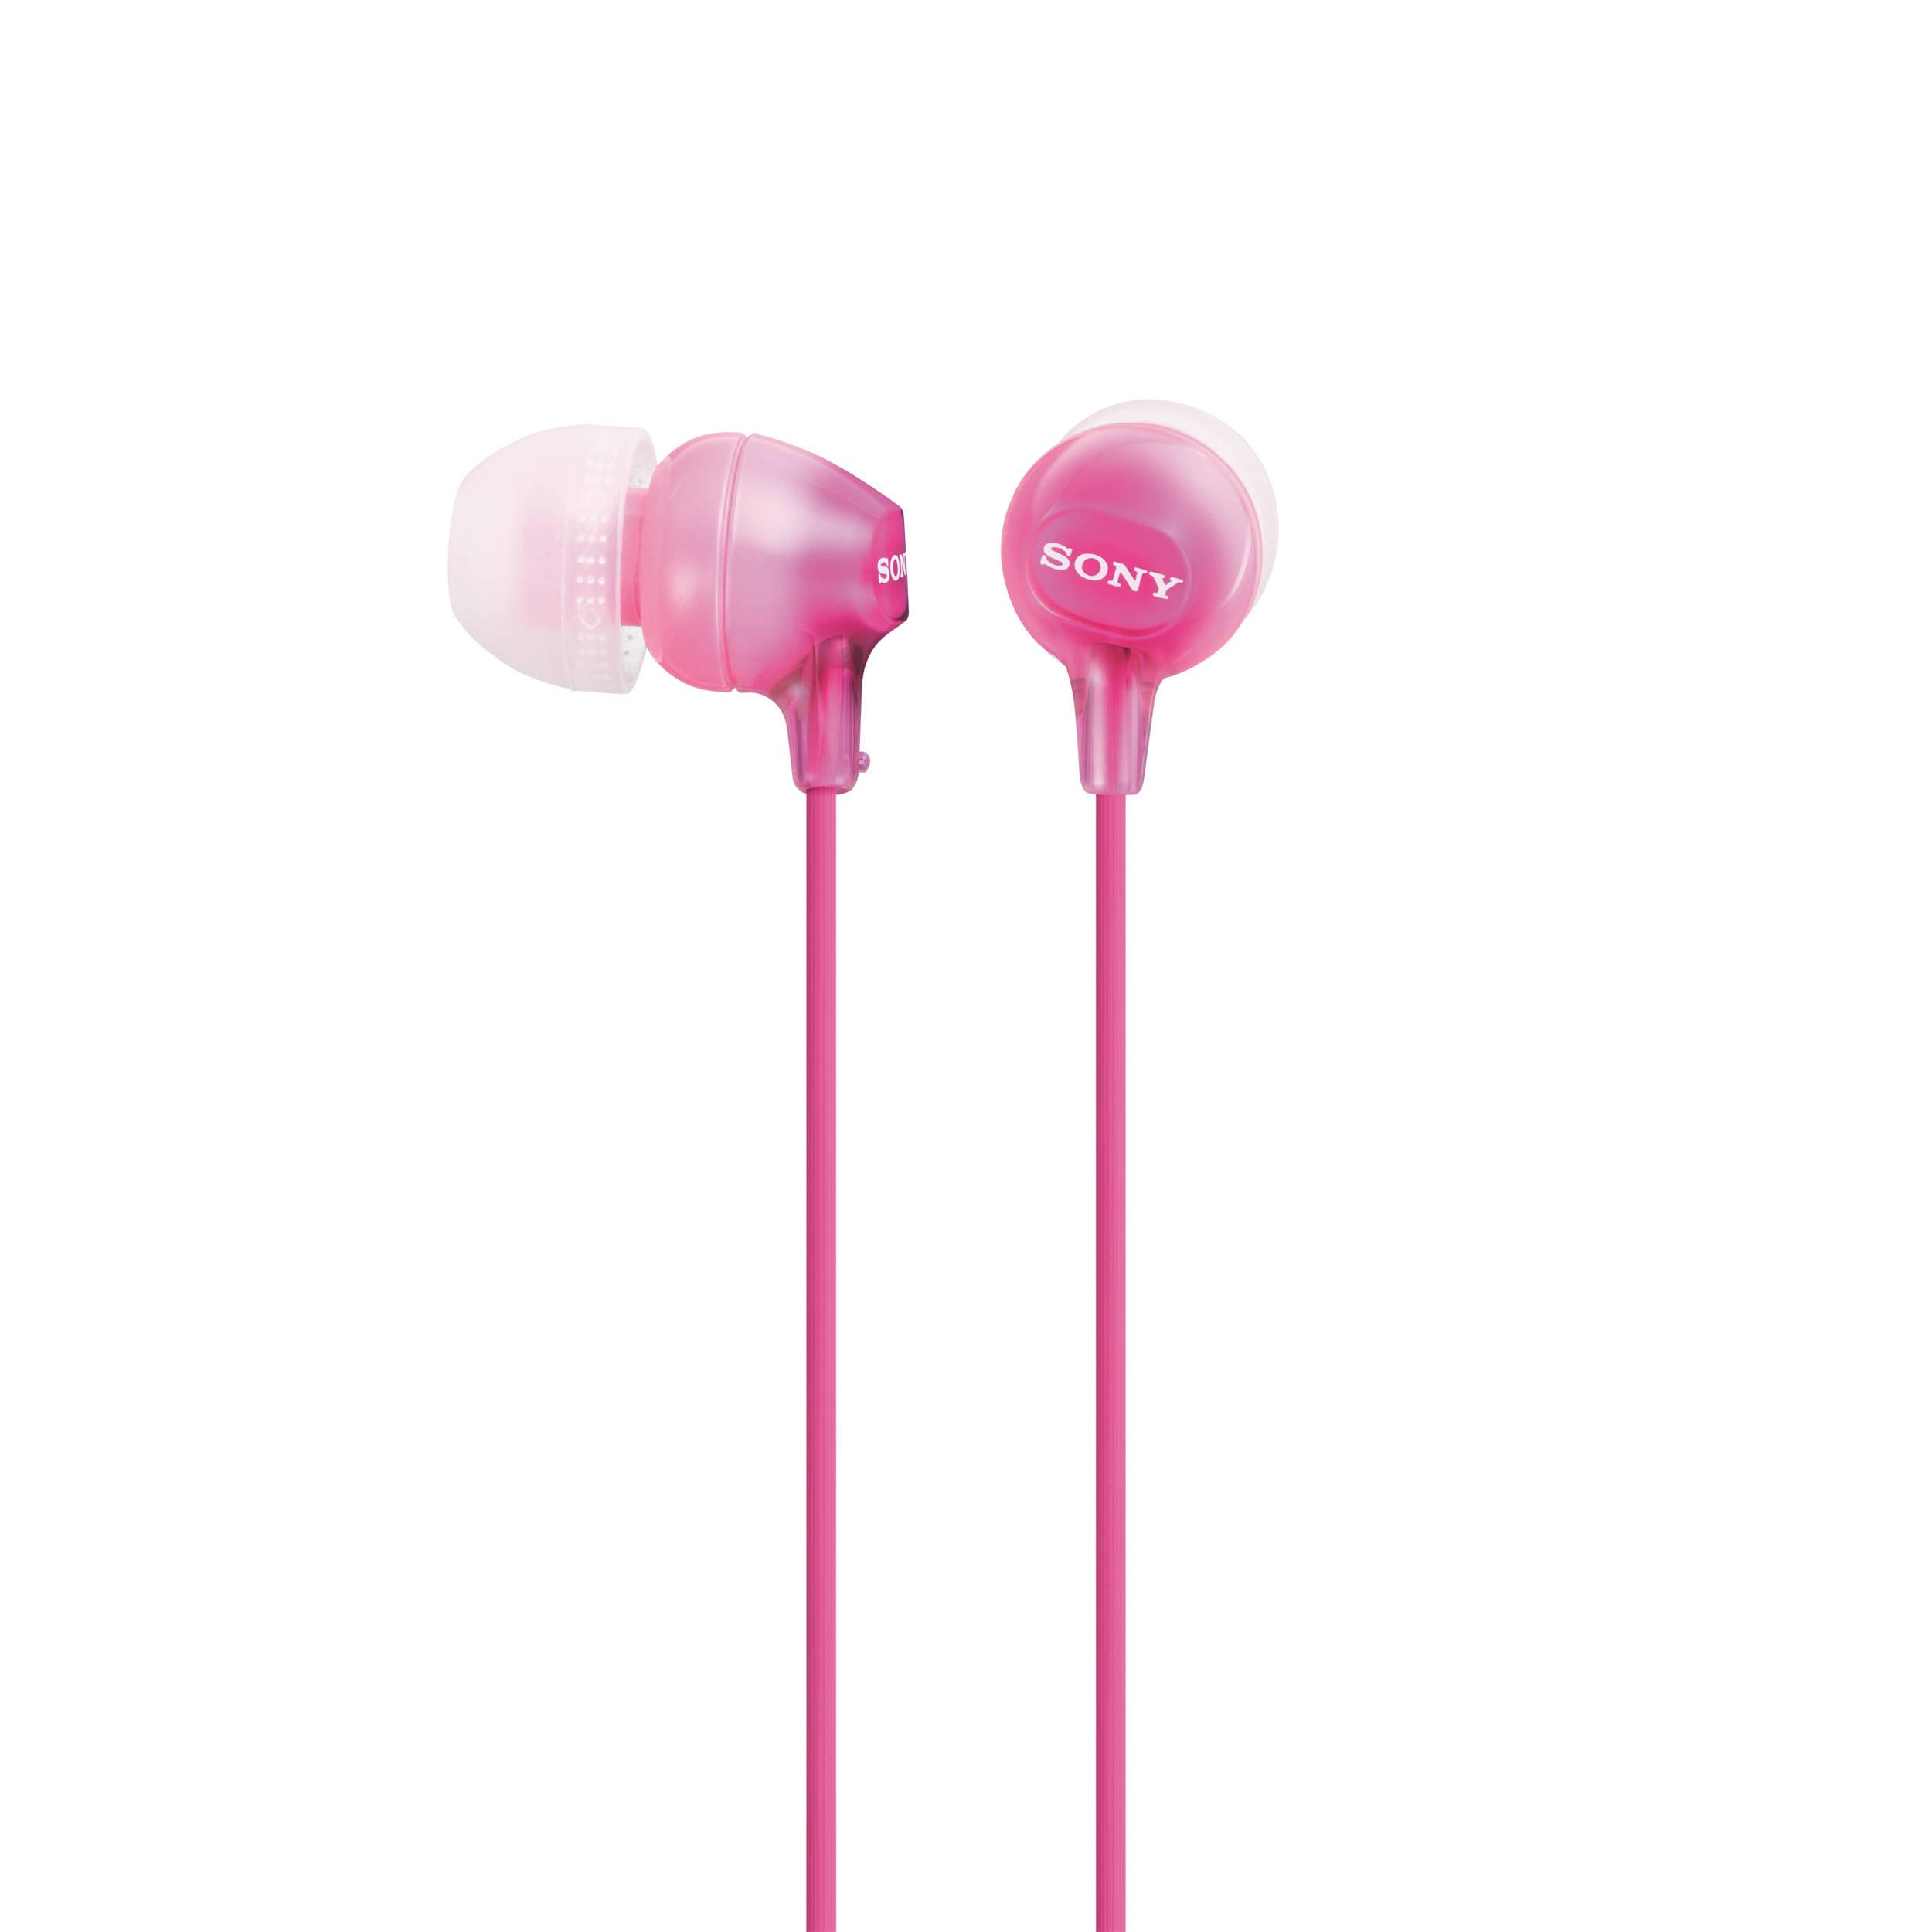 Наушники Sony MDR-EX15LP/P PinkНаушники и гарнитуры<br>Sony MDR-EX15LP/P Pink — розовые леденцы для отличного звука.<br>Девочки совершенно точно придут в восторг от наушников Sony MDR-EX15LP/P Pink. Ведь они такого яркого конфетного розового цвета. Действительно, эти наушники-«затычки» напоминают пару сладких леденцов. Правда, кушать их не стоит, а вот слушать любимые аудиотреки — пожалуйста! Это именно то, для чего они и созданы.<br>Вас приятно удивит хорошая детализация звука, широкий частотный диапазон — от 8 до 22000 Гц, удобная конструкция и потрясающий легкий вес таких наушников — всего лишь 3 грамма! Любуйтесь ими и,...<br><br>Тип: наушники<br>Тип акустического оформления: Закрытые<br>Вид наушников: Вкладыши<br>Тип подключения: Проводные<br>Номинальная мощность мВт: 100<br>Диапазон воспроизводимых частот, Гц: 8 - 22000<br>Сопротивление, Импеданс: 16<br>Чувствительность дБ: 100